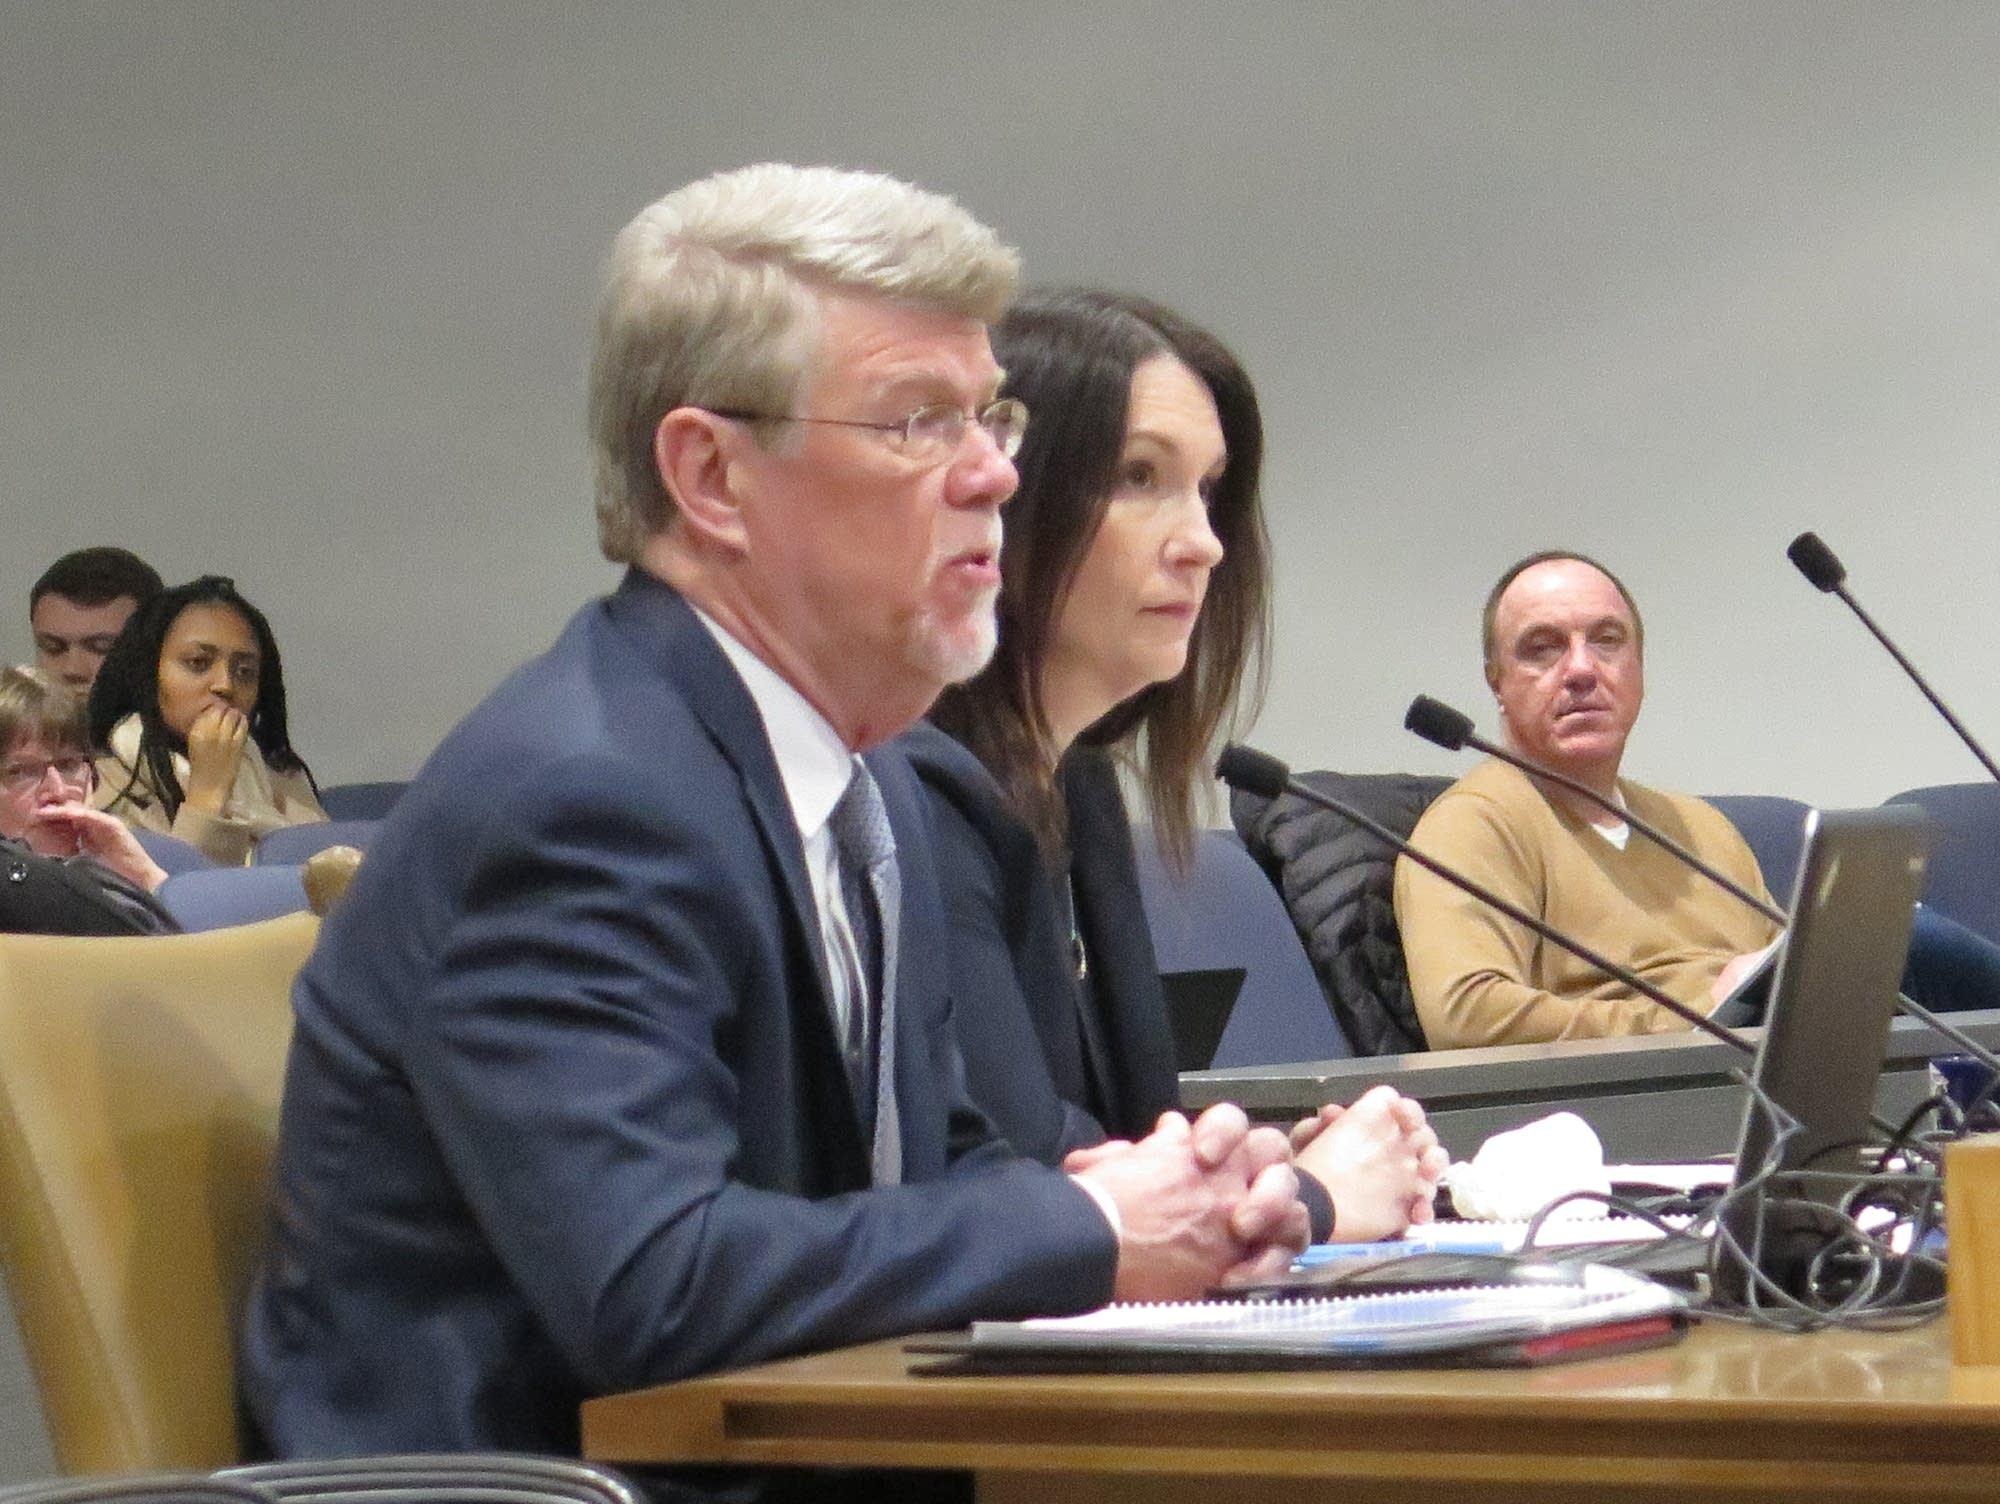 Legislative Auditor James Nobles and Legal Counsel Elizabeth Stawicki